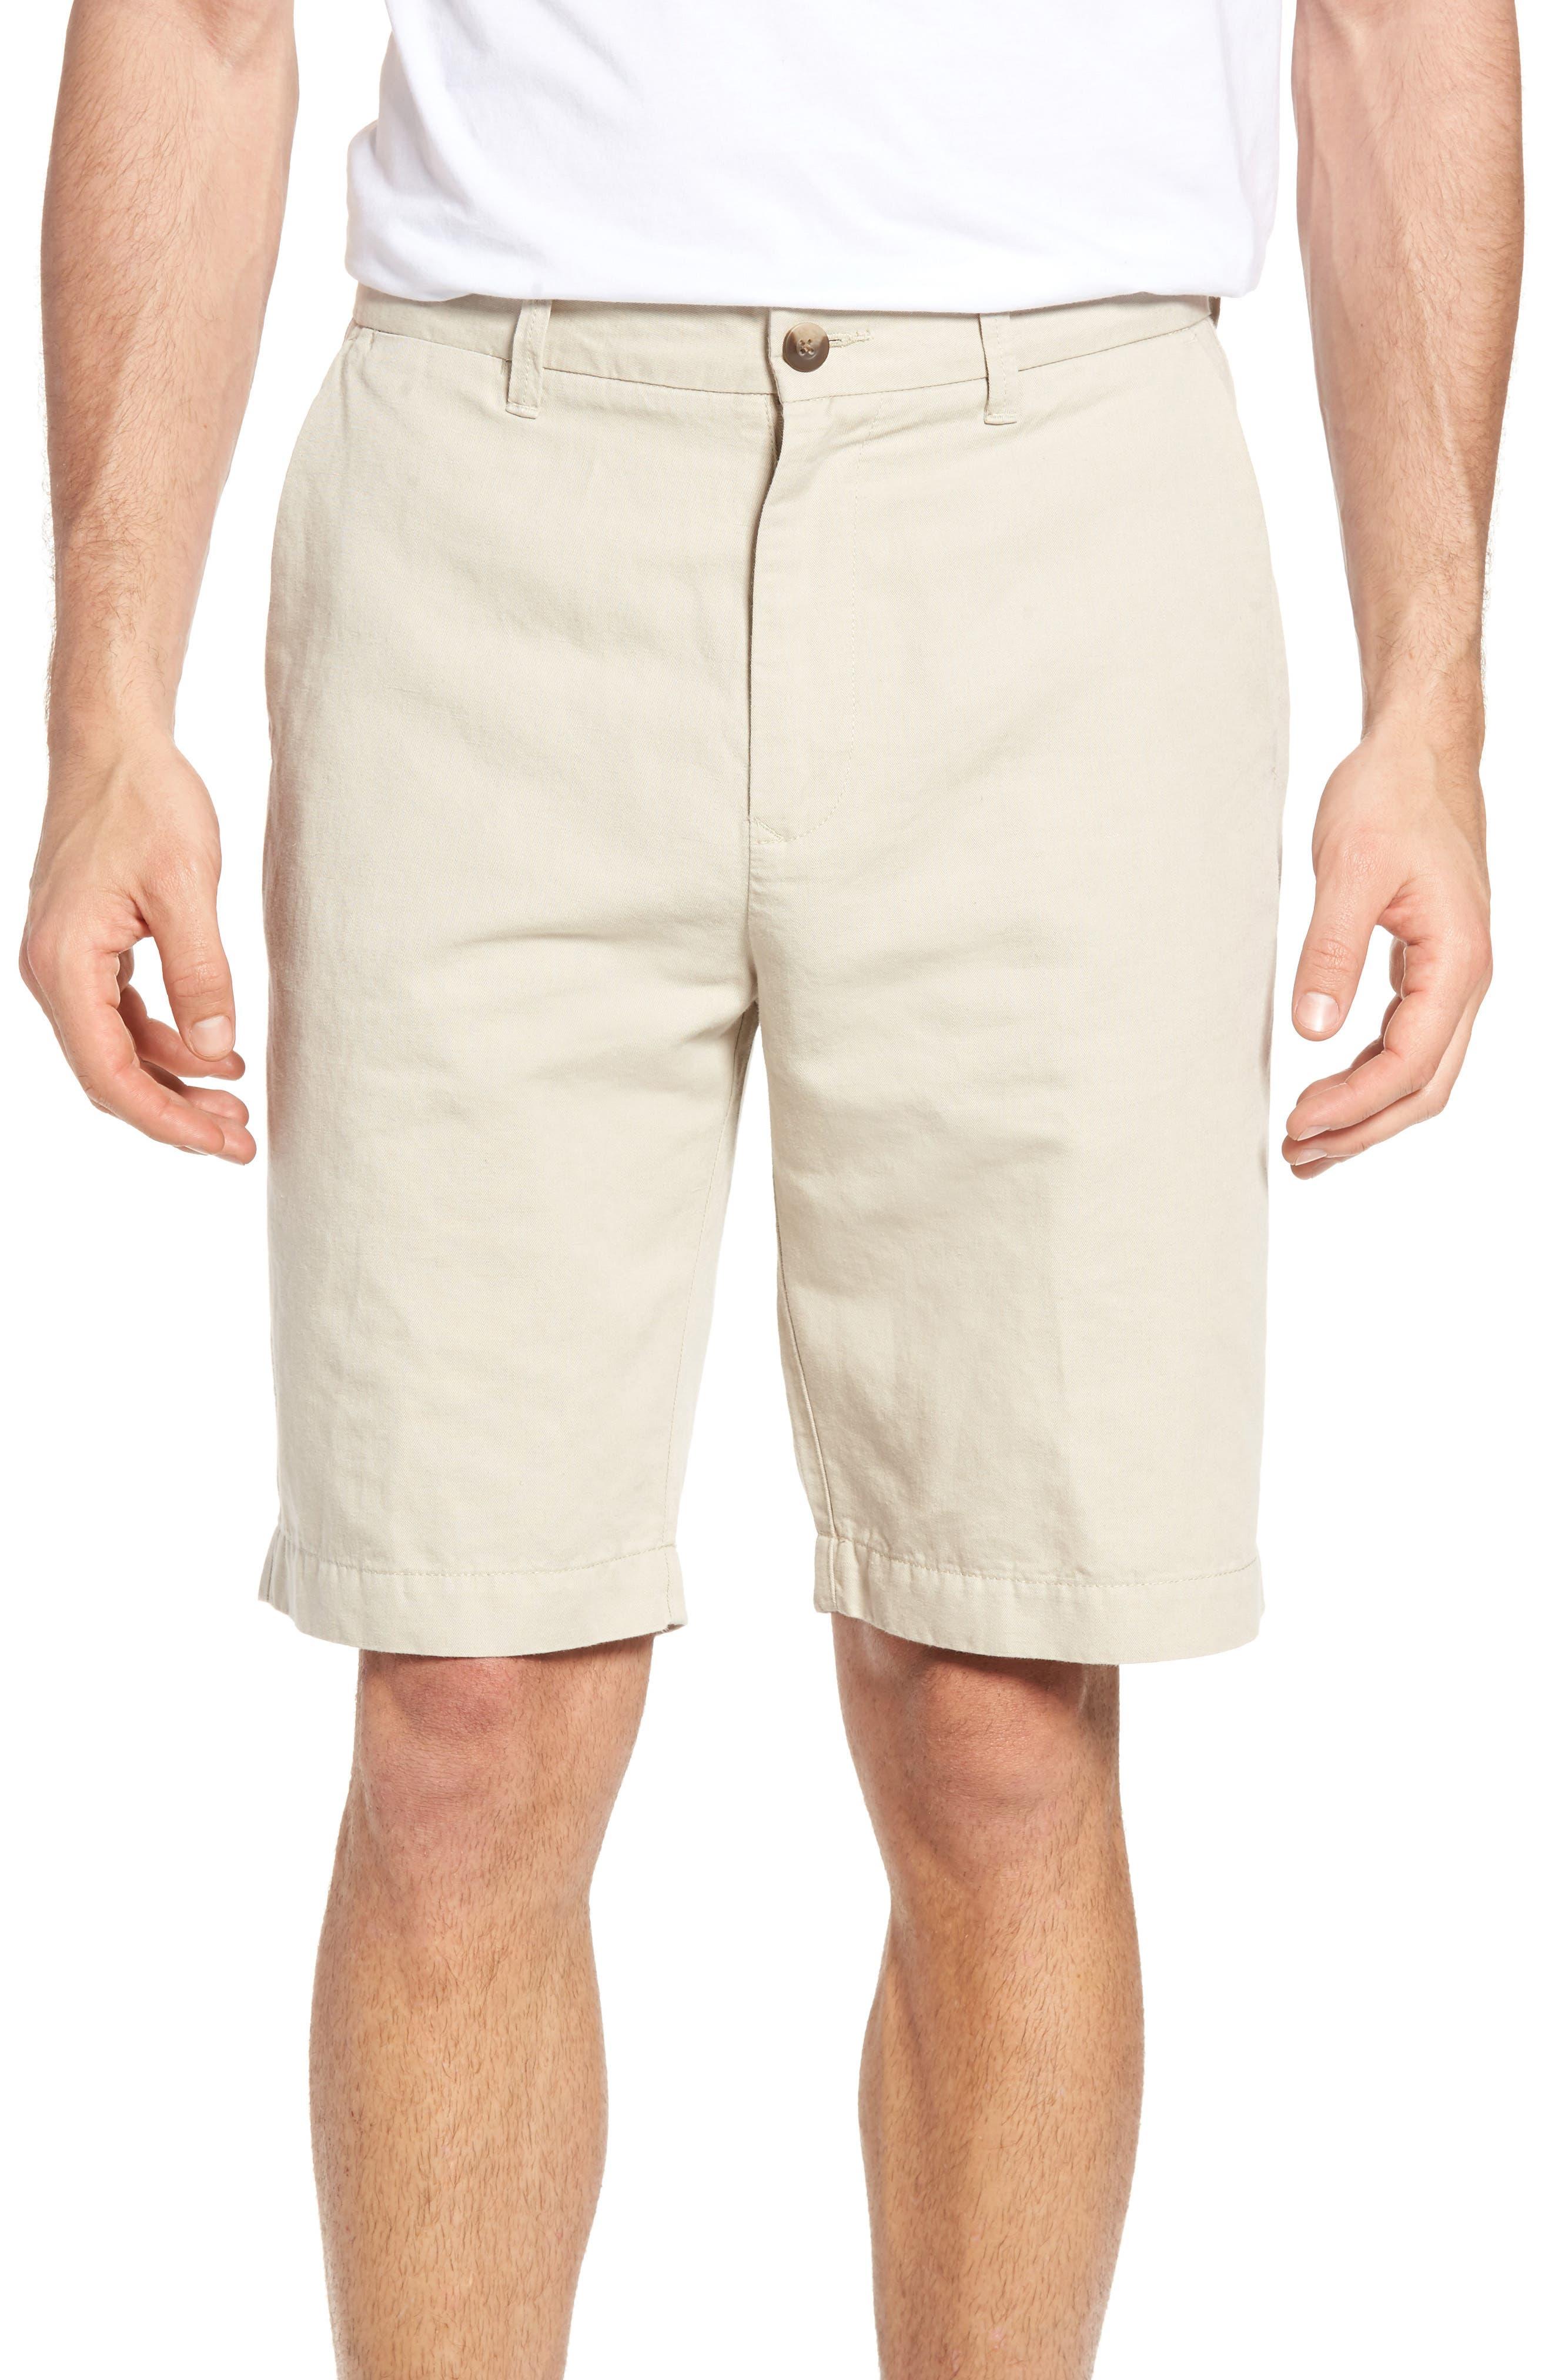 Rolleston Shorts,                             Main thumbnail 1, color,                             253